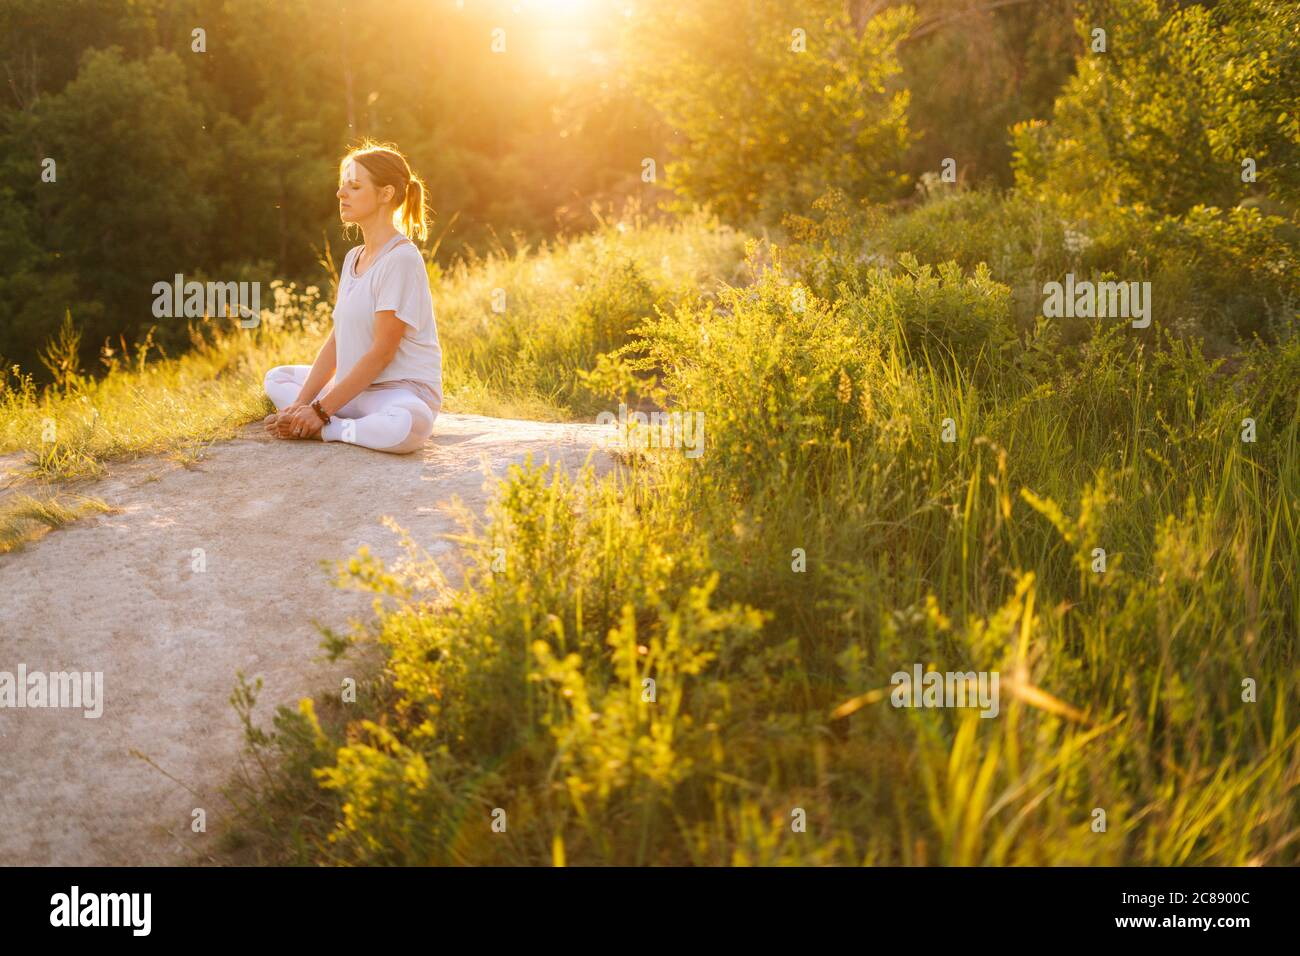 Voller Frieden und Ruhe junge Frau meditiert in Lotusposition mit geschlossenen Augen sitzen Stockfoto